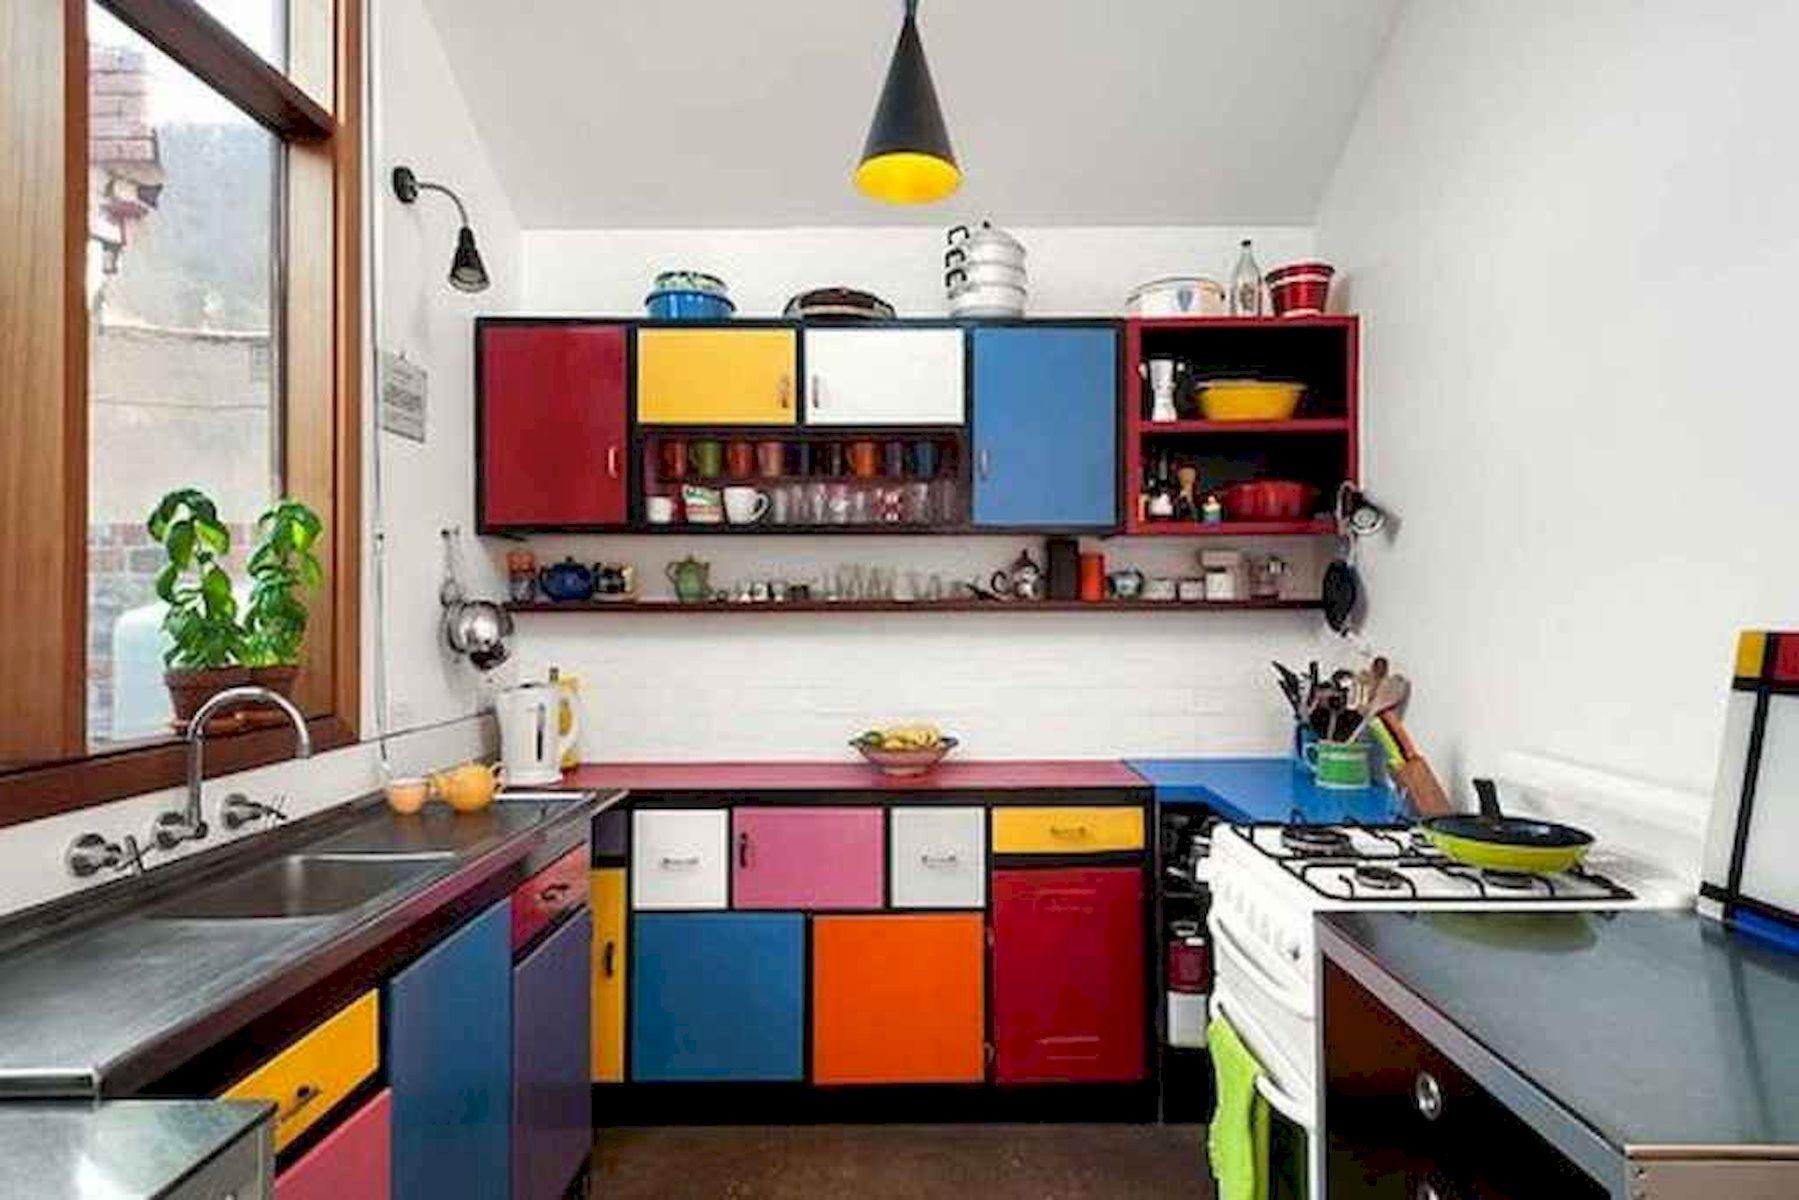 conseil cuisine mobilier idee deco couleur